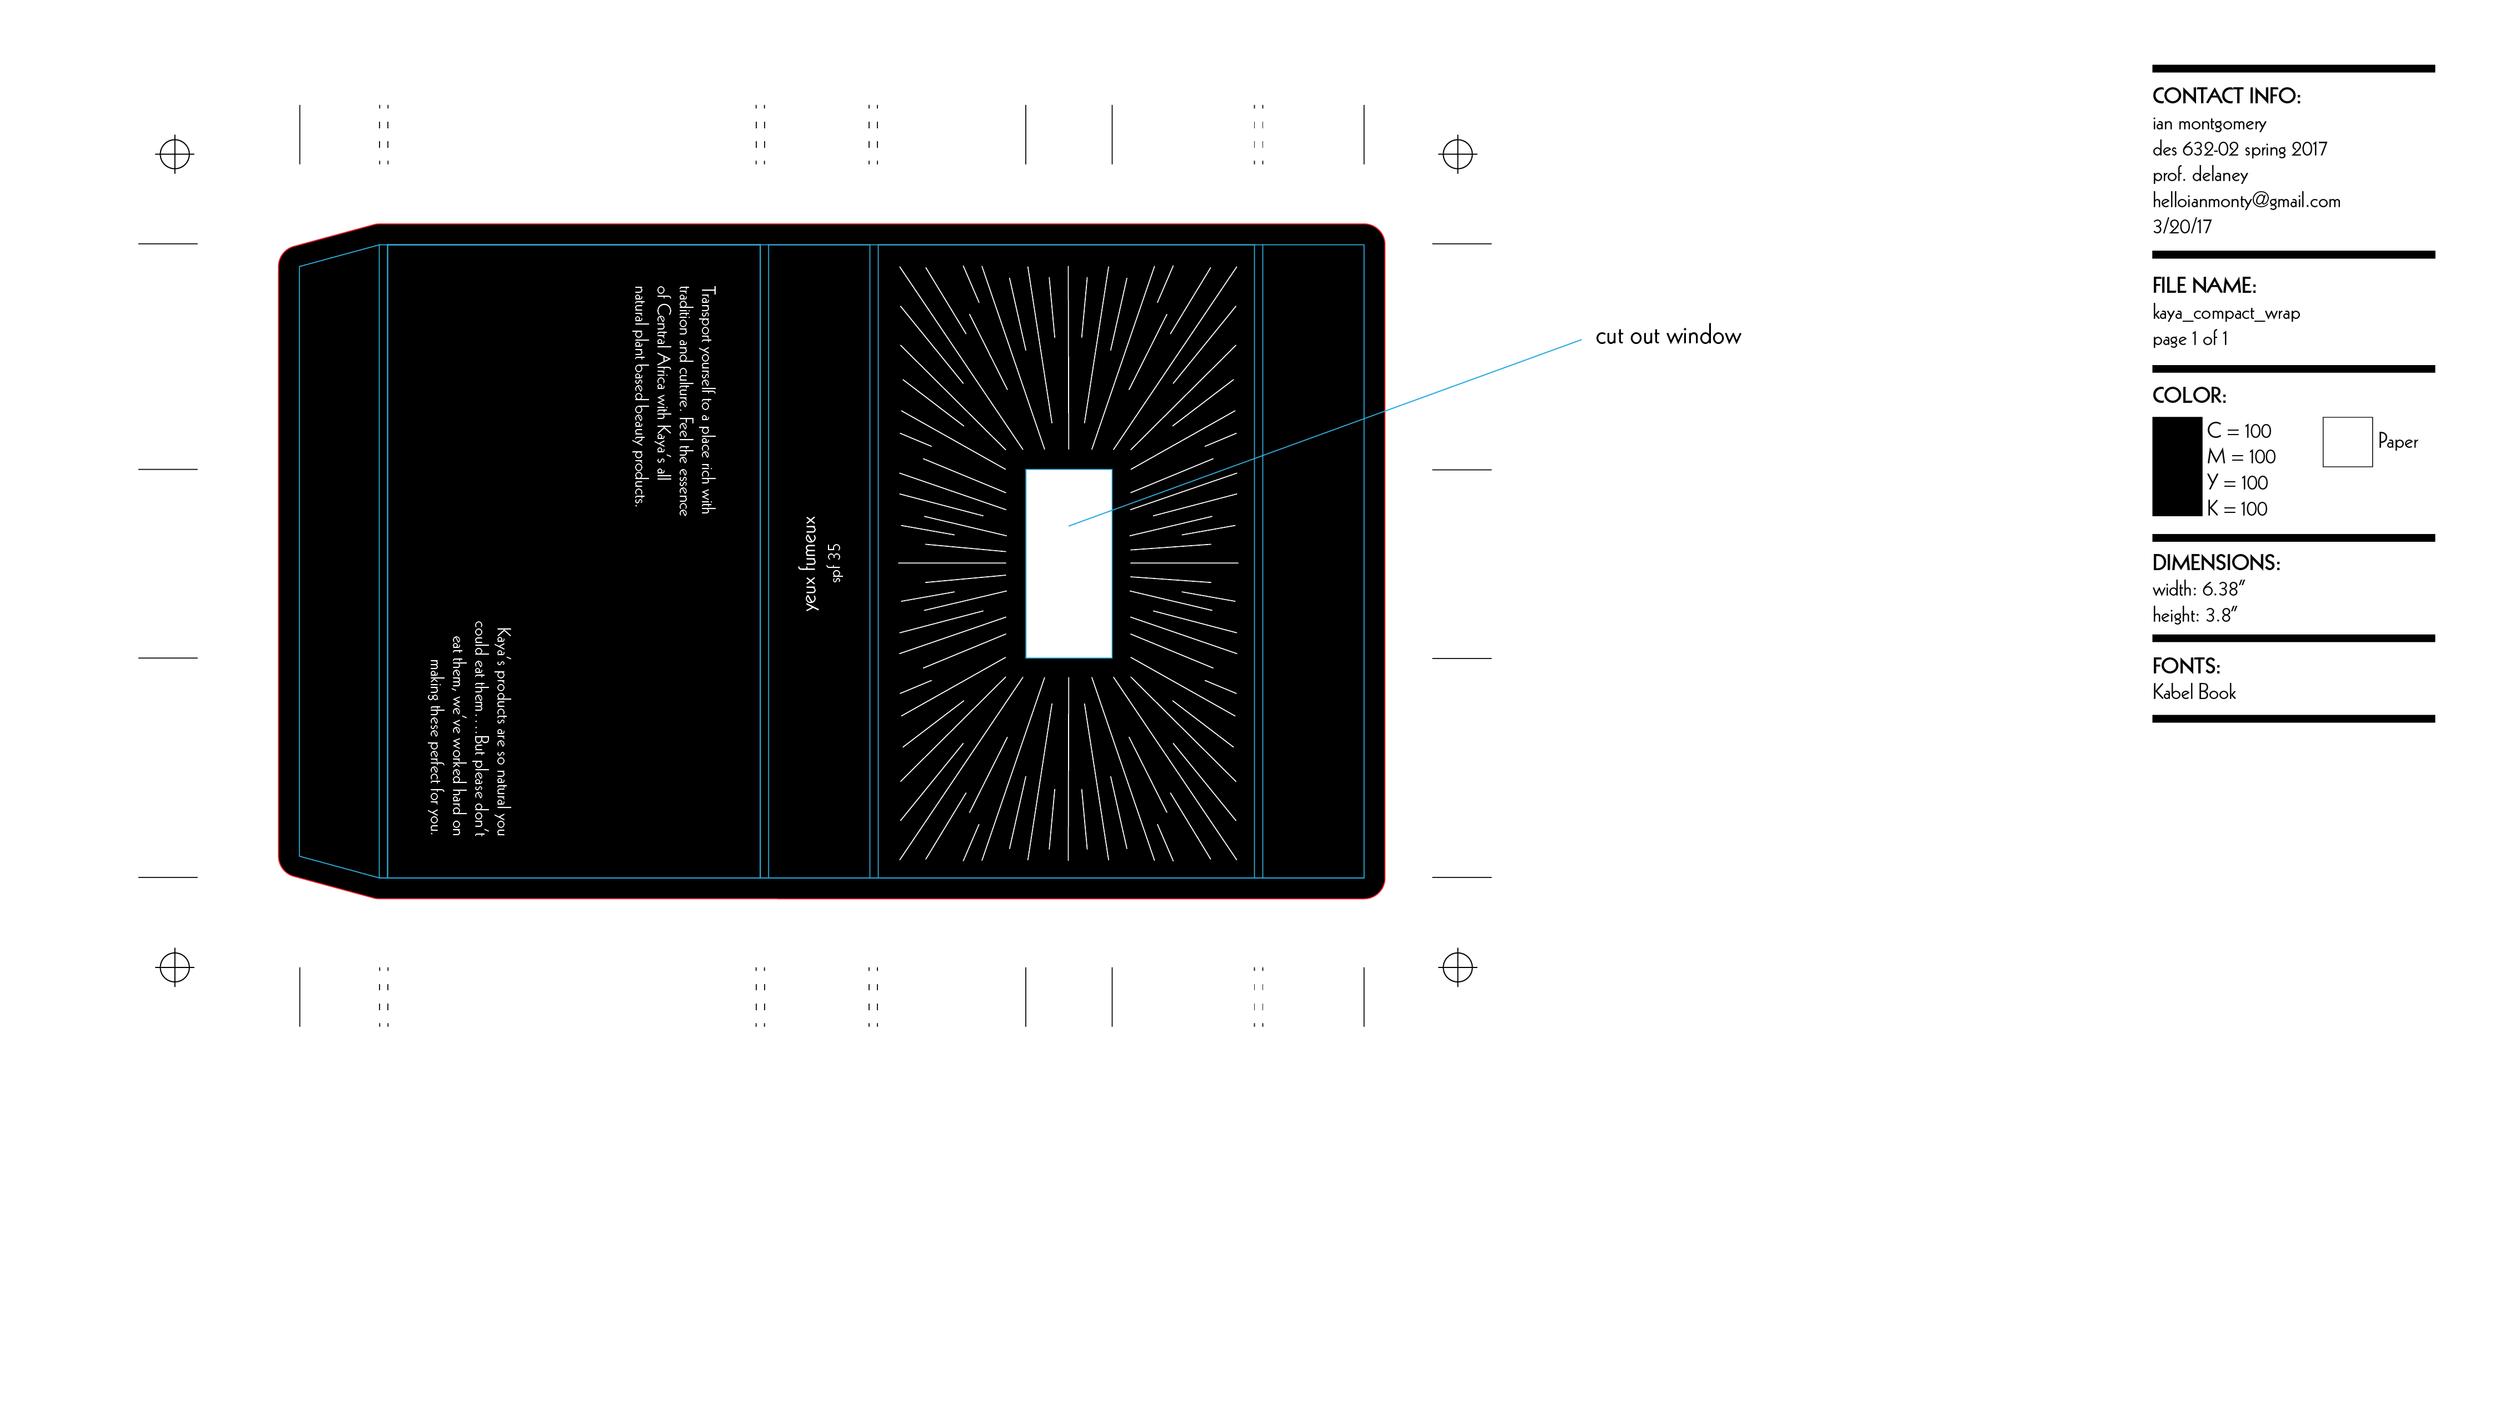 Kaya_Compact_Die_art_Artboard 2.png